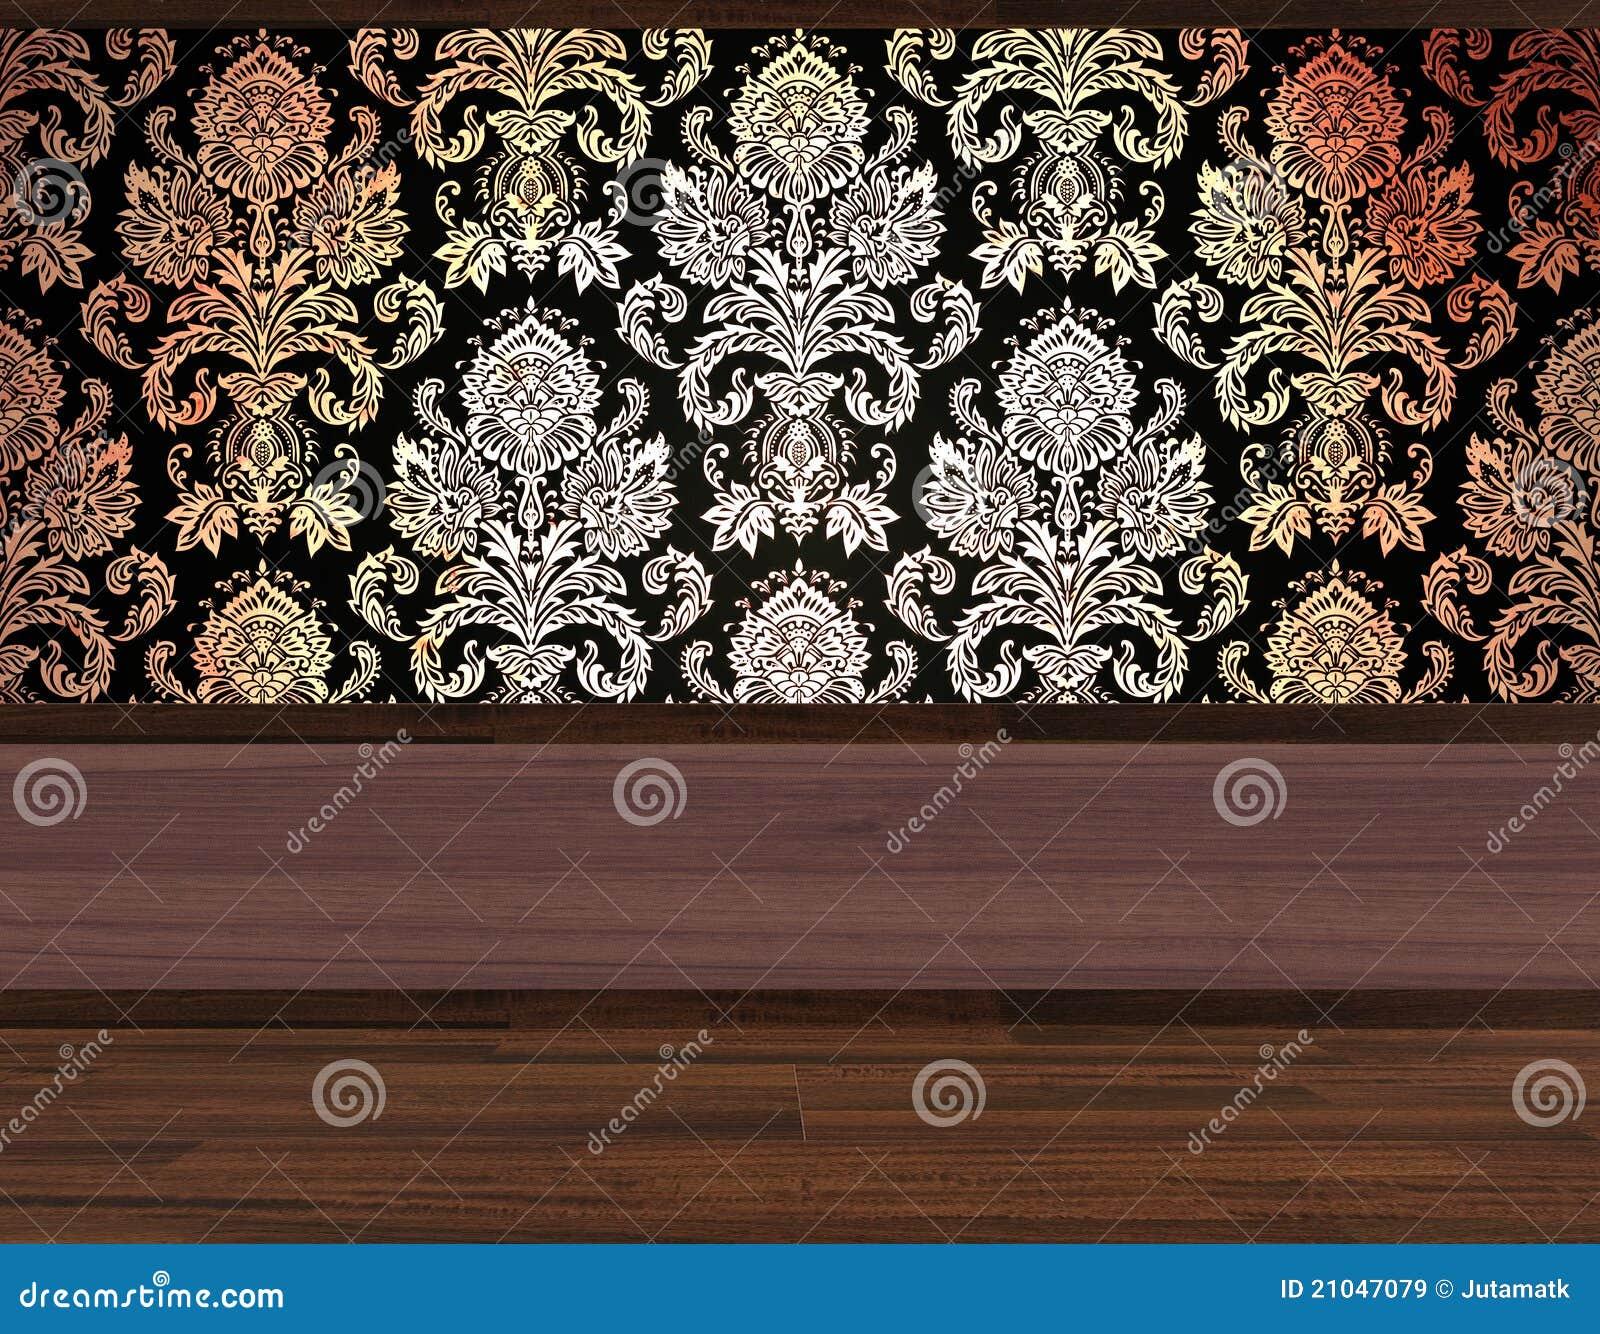 Papel De Parede Do Quarto Imagens de Stock Royalty Free  Imagem 21047079